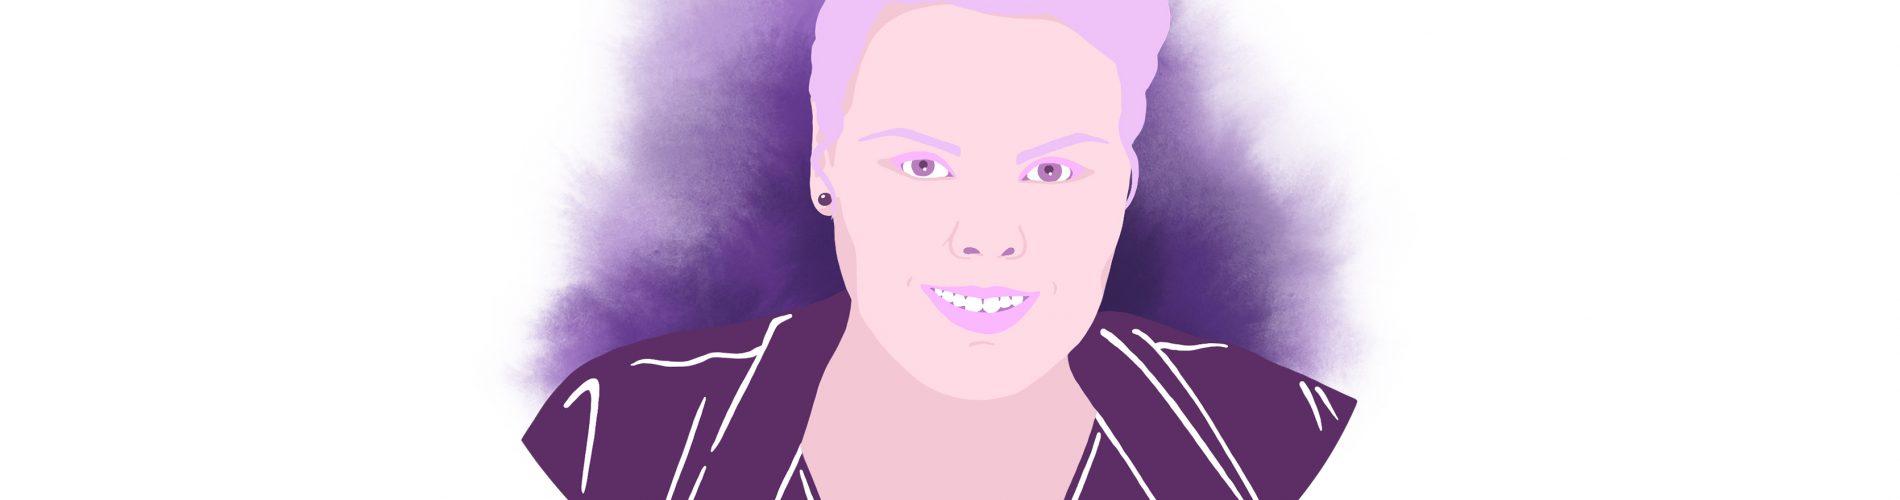 Lena Jäger Frauenvolksbegehren purpurr Illustration